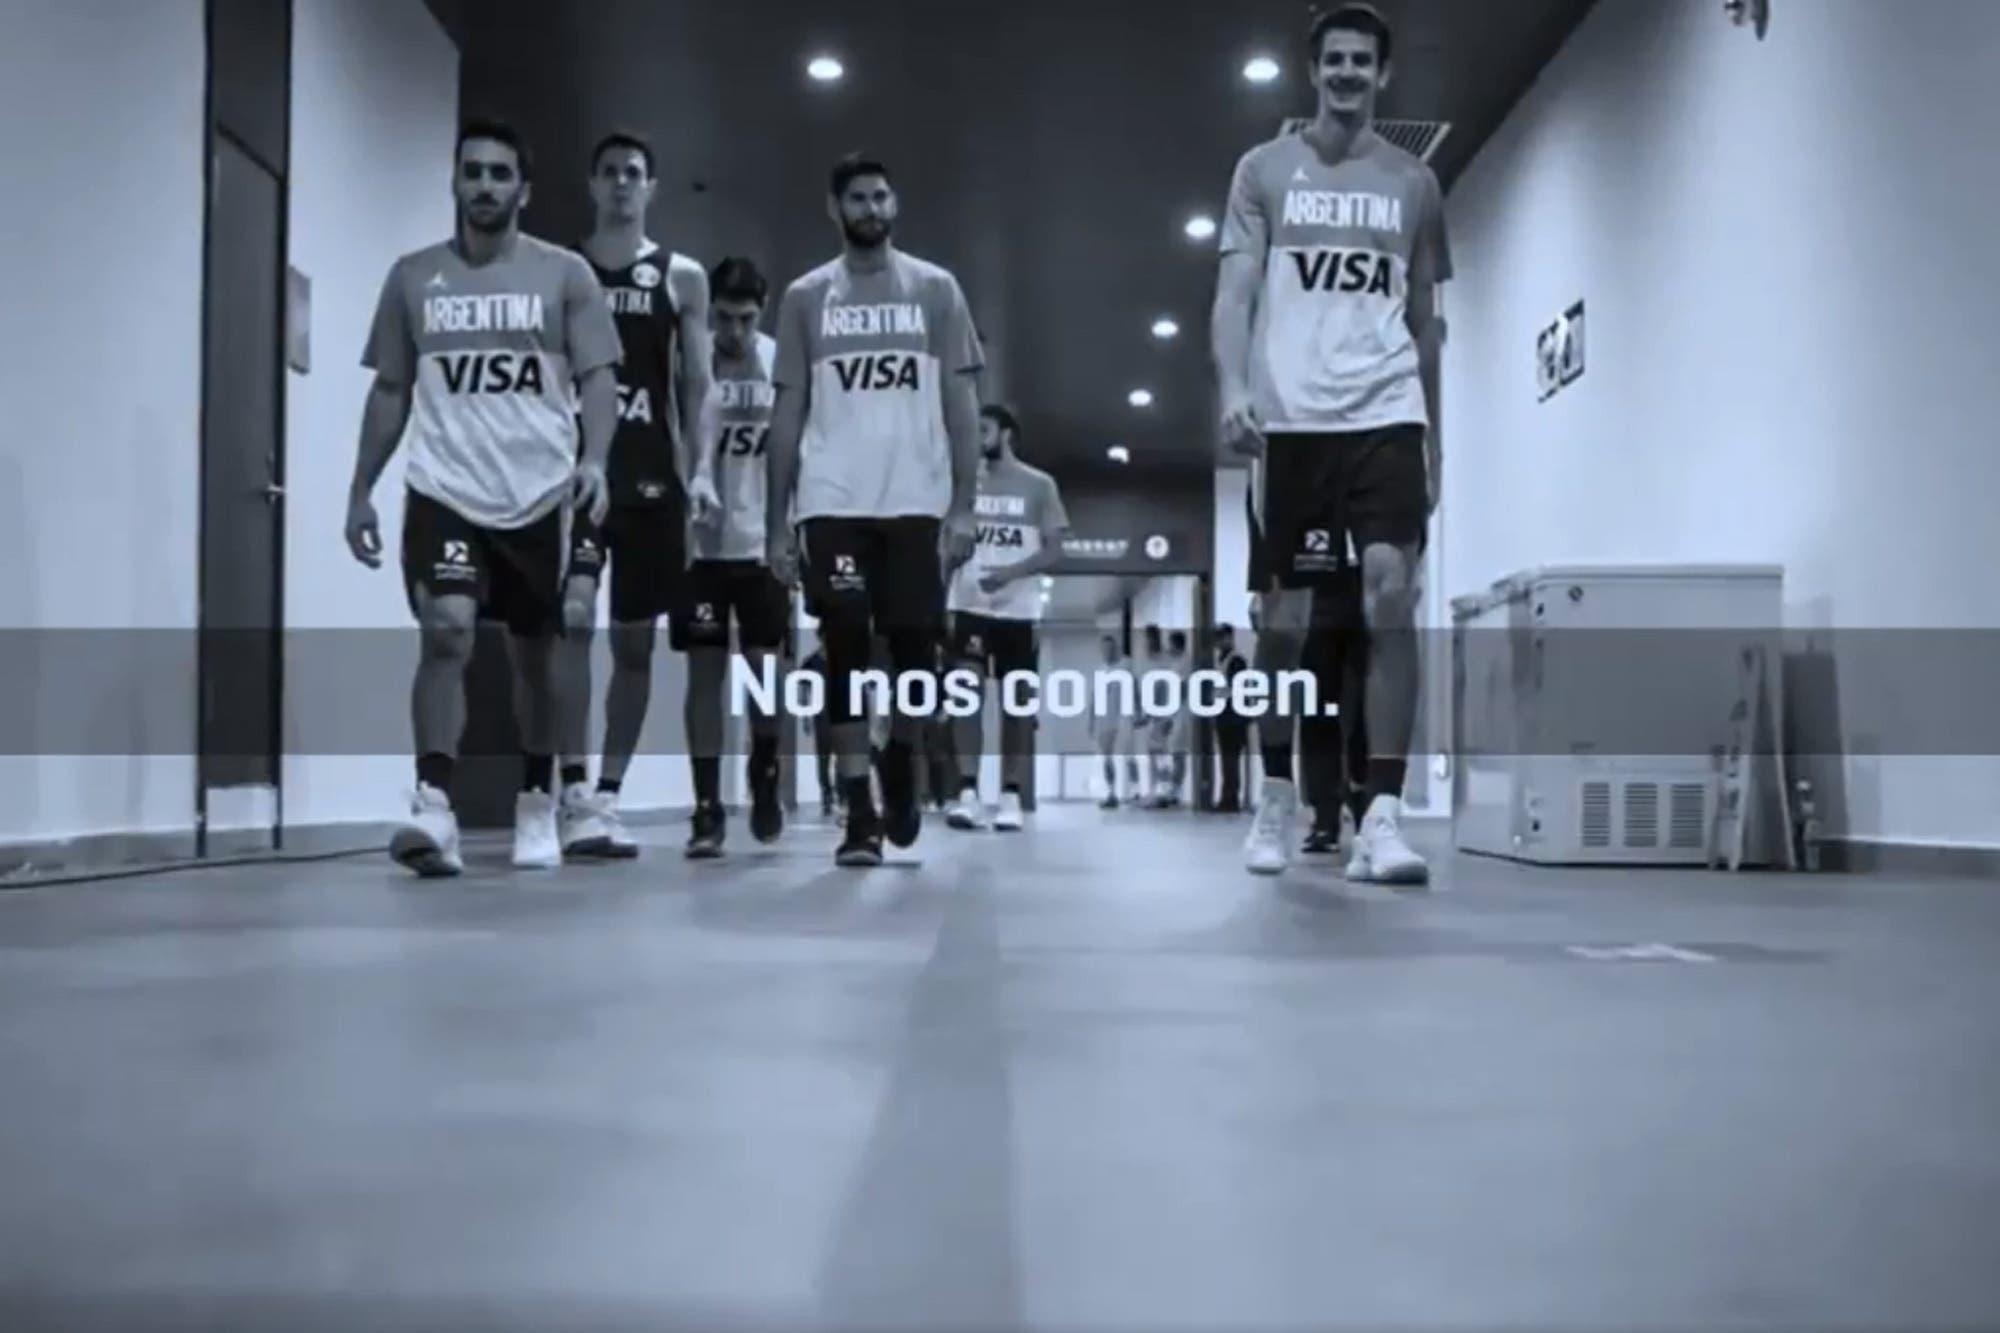 Mundial de básquet. El emotivo video motivacional que sorprendió al plantel argentino antes de Serbia